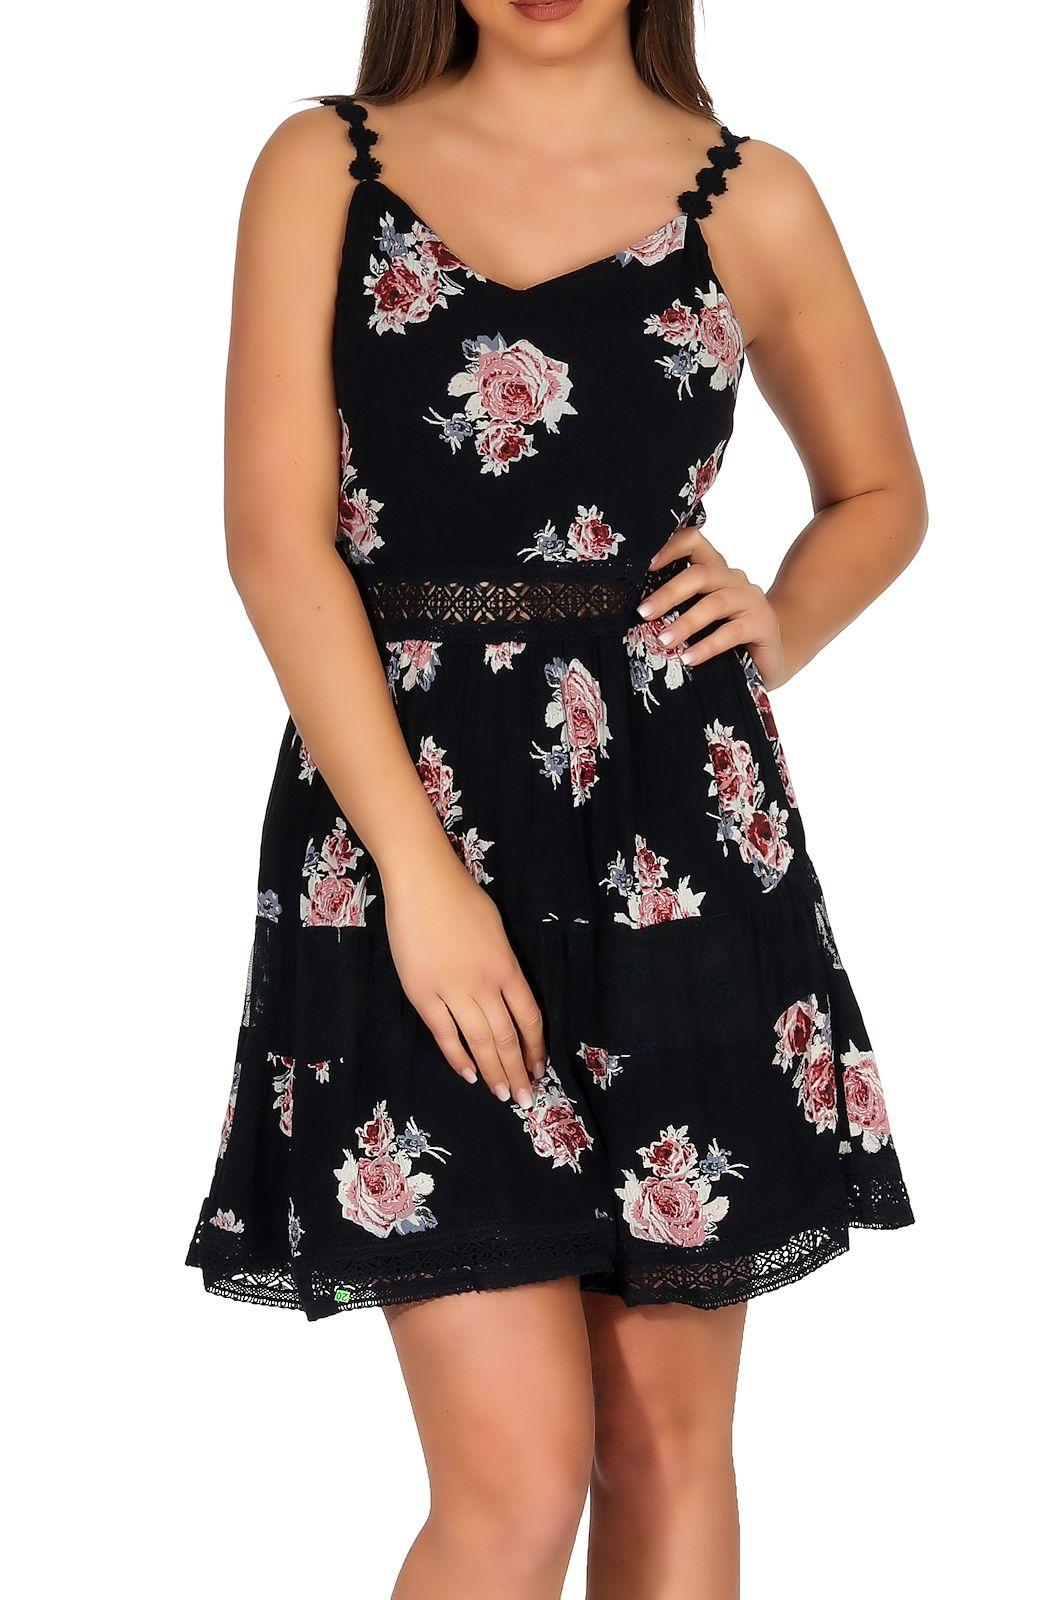 Kleider Kleidung Accessoires Only Damen Kleid Minikleid Tragerkleid Sommerkleid V Ausschnitt Karmen Anne